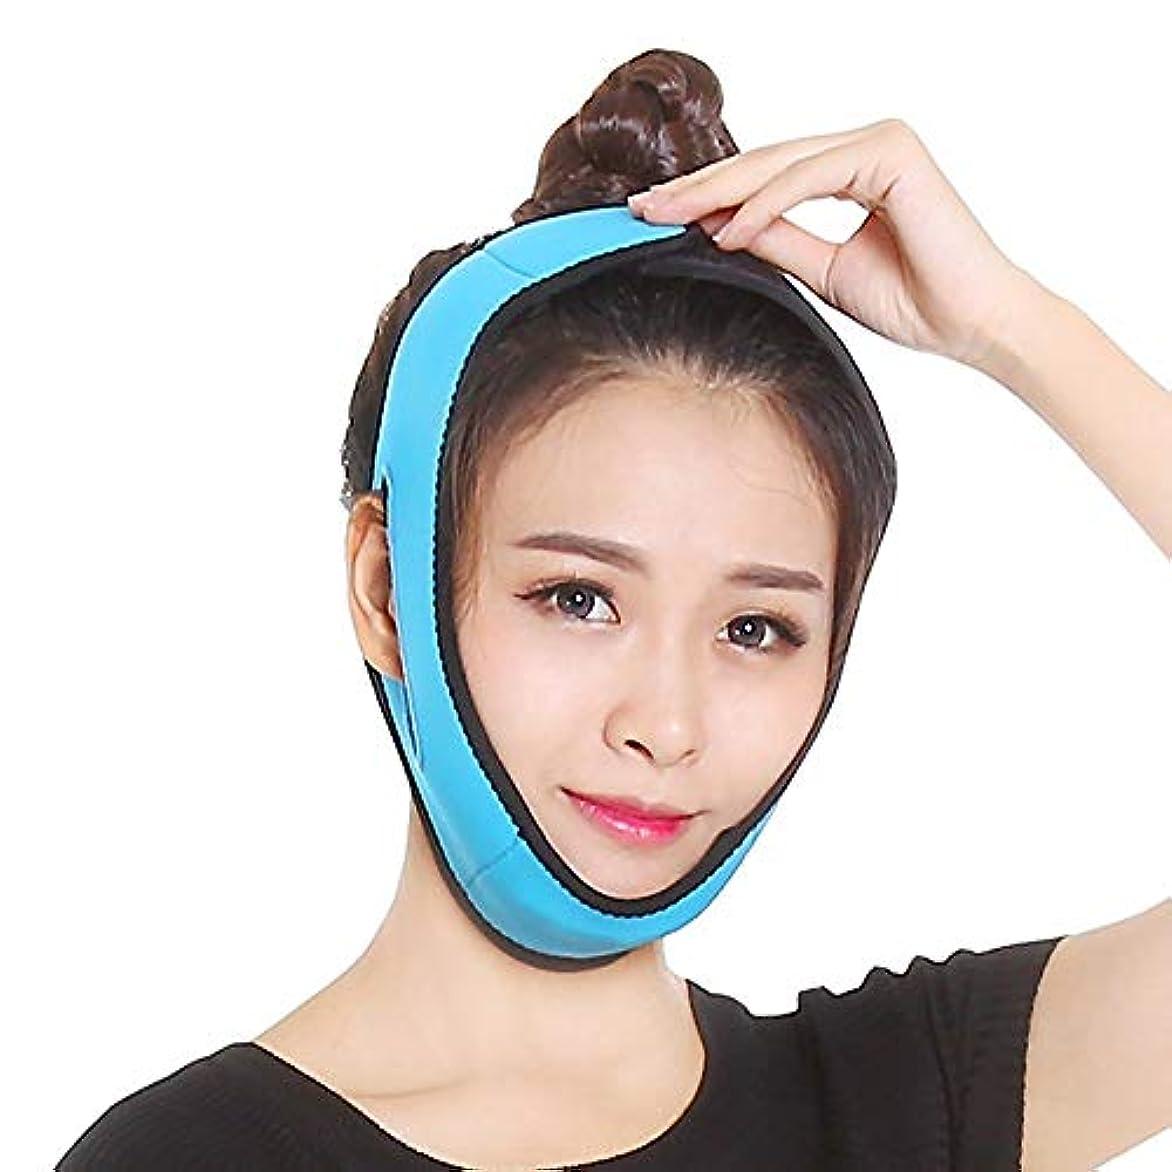 手当移住する飼料薄い顔のベルト - 薄い顔のツール薄い顔のベルト通気性のラテックスのマッサージV型の顔のアーティファクトの顔の薄いマスク 美しさ